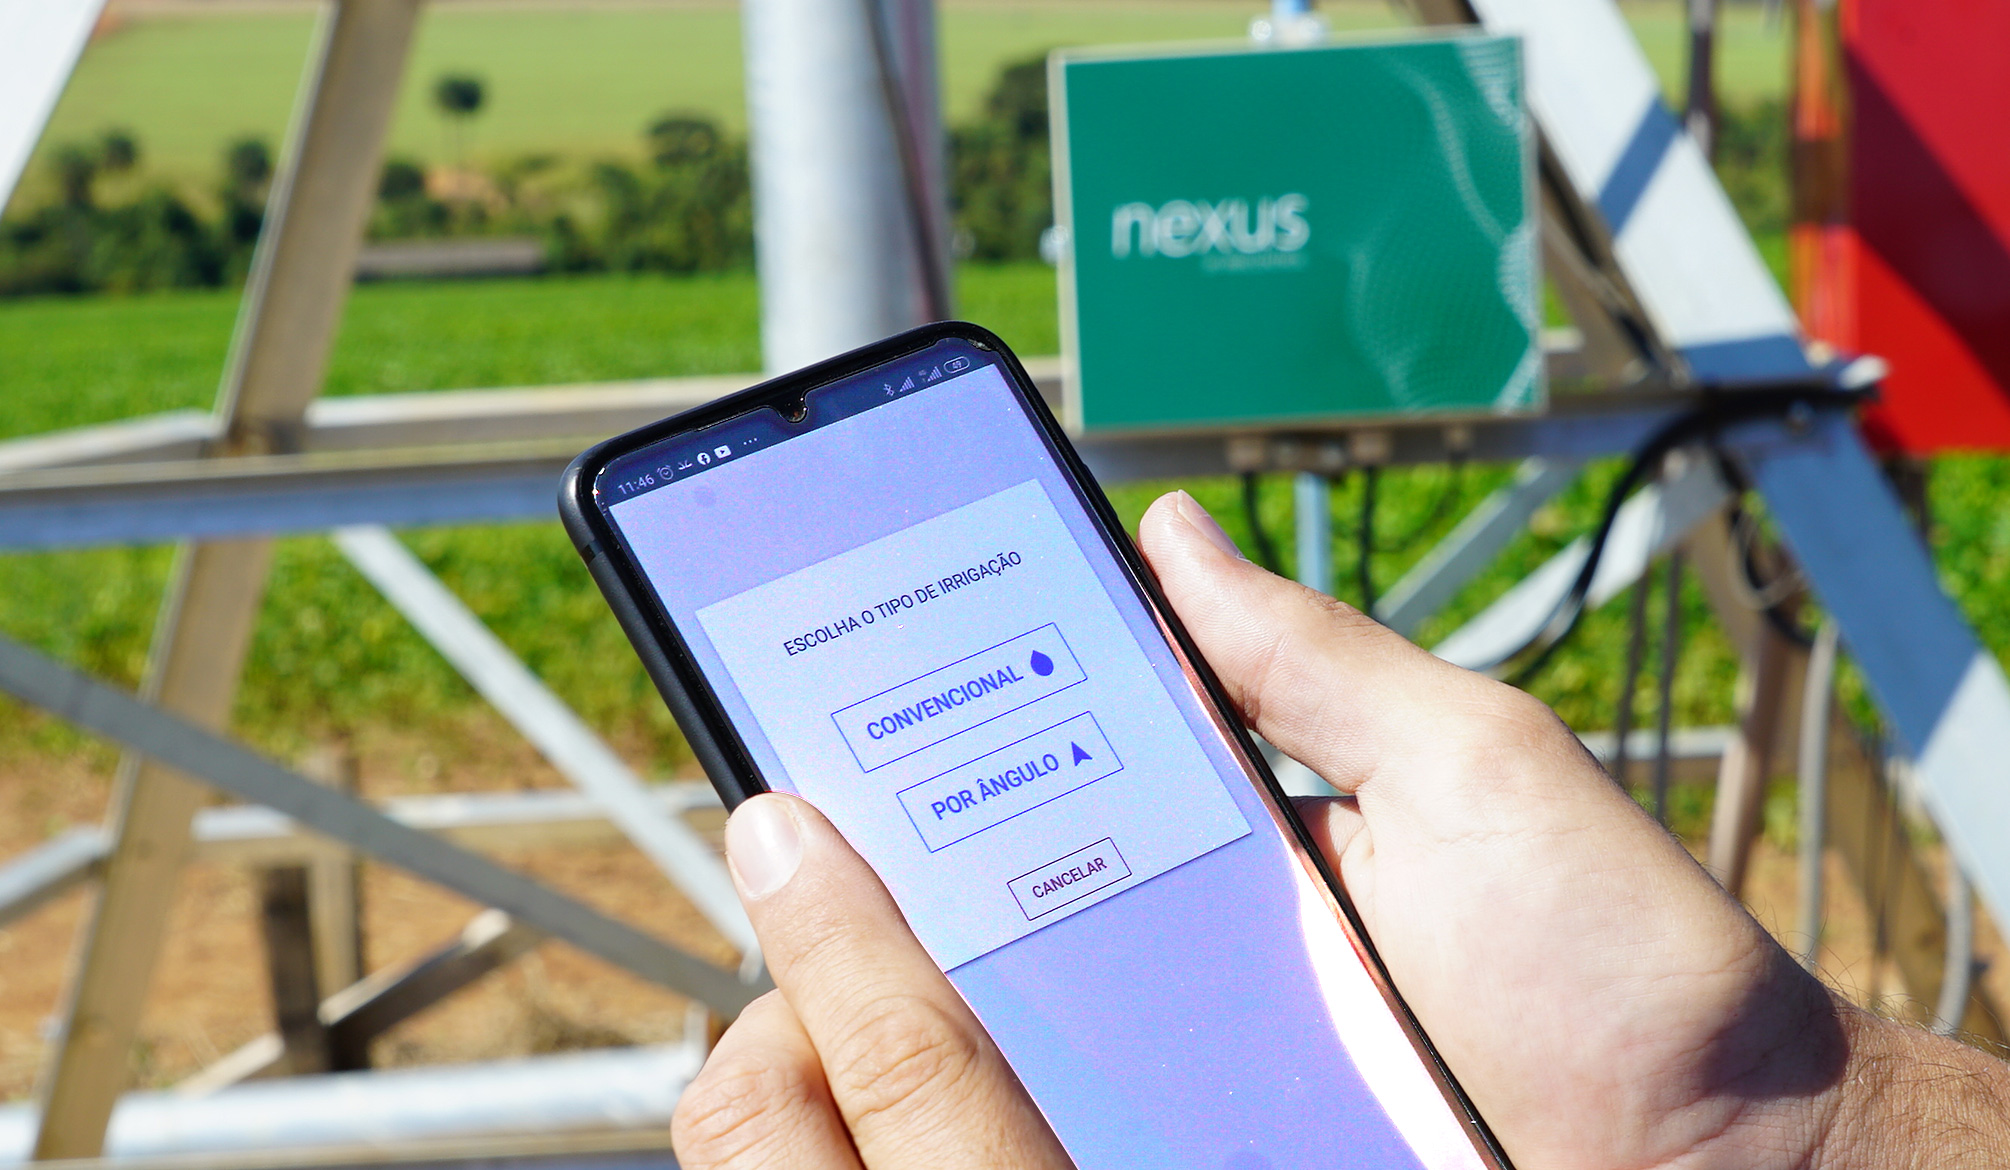 Funcionário segurando o smartphone conectado à plataforma.